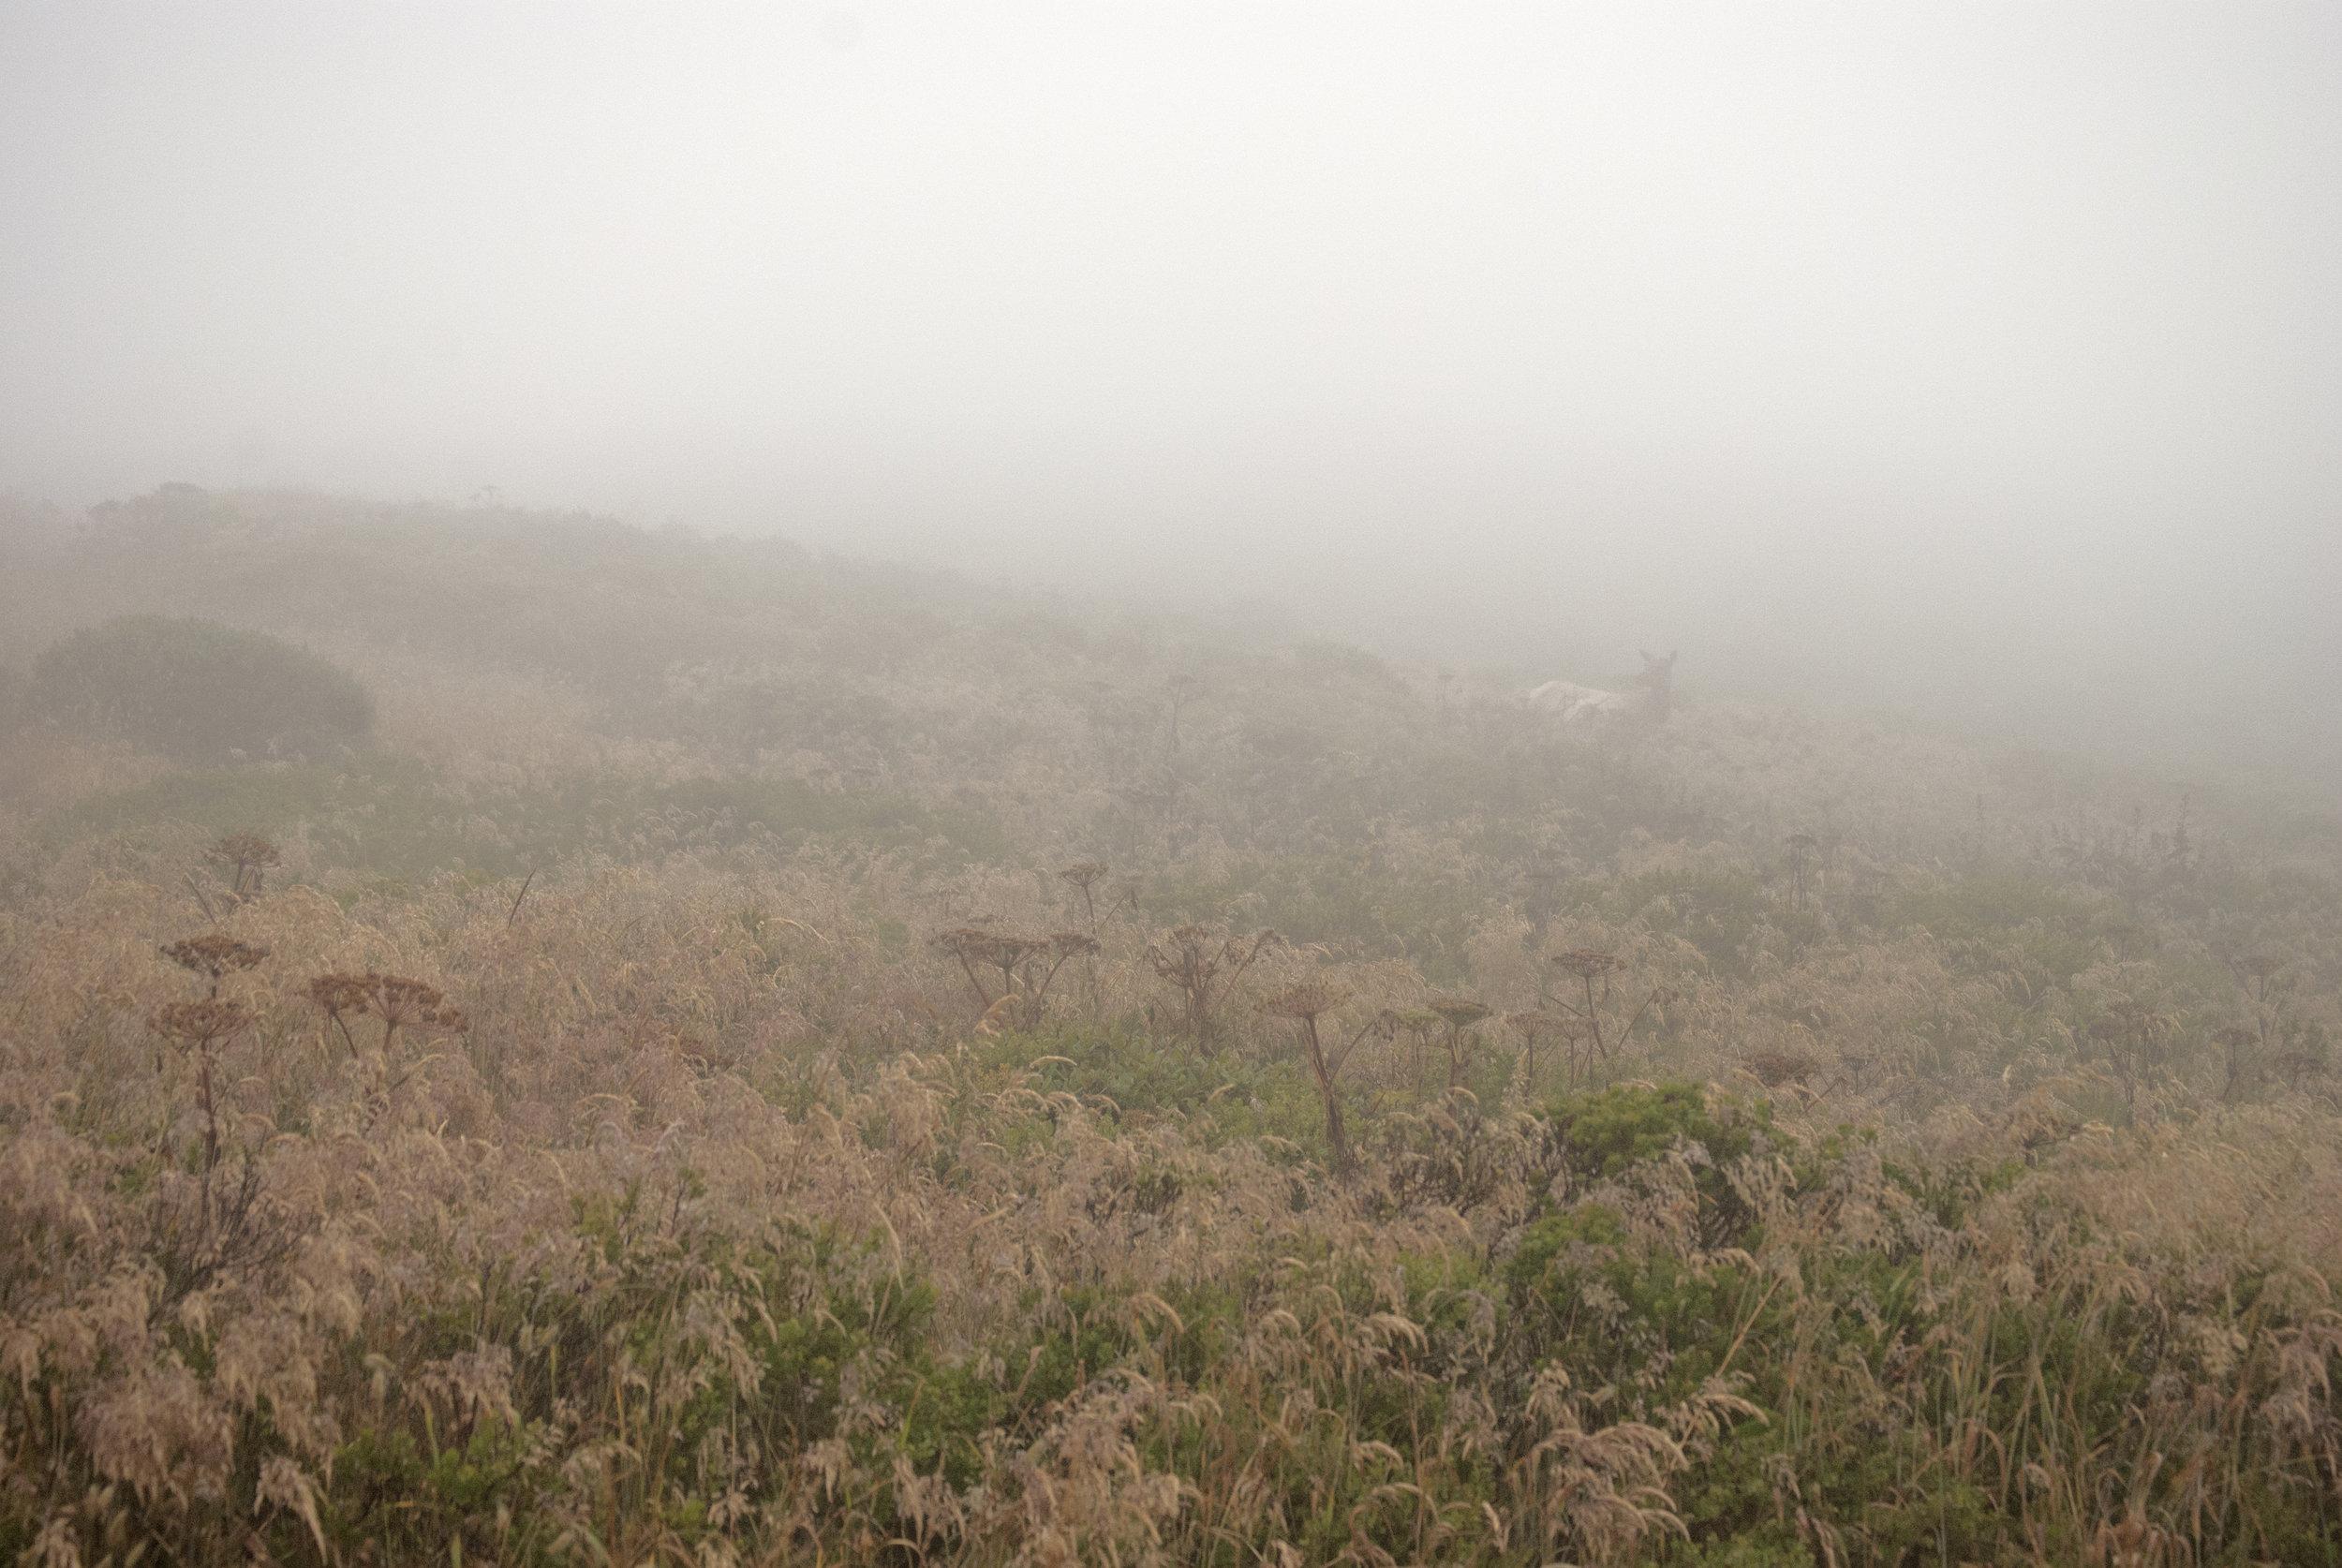 Elk in the fog.